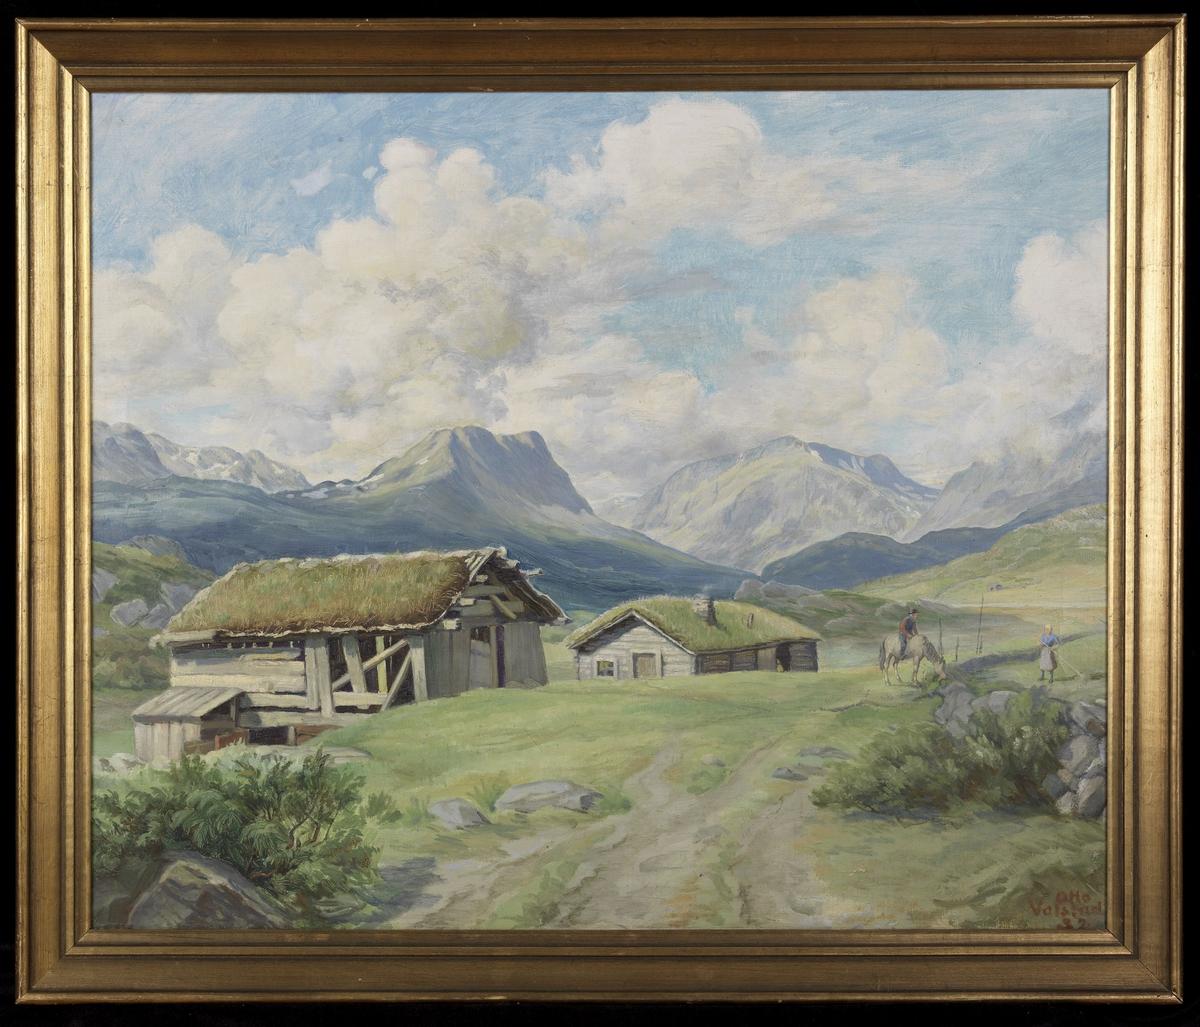 Fjelllandskap, setervoll m. 2 grå hus, i bakgrunnen blågrønne og lyse fjell, sølvtone; lysblå og grå himmel